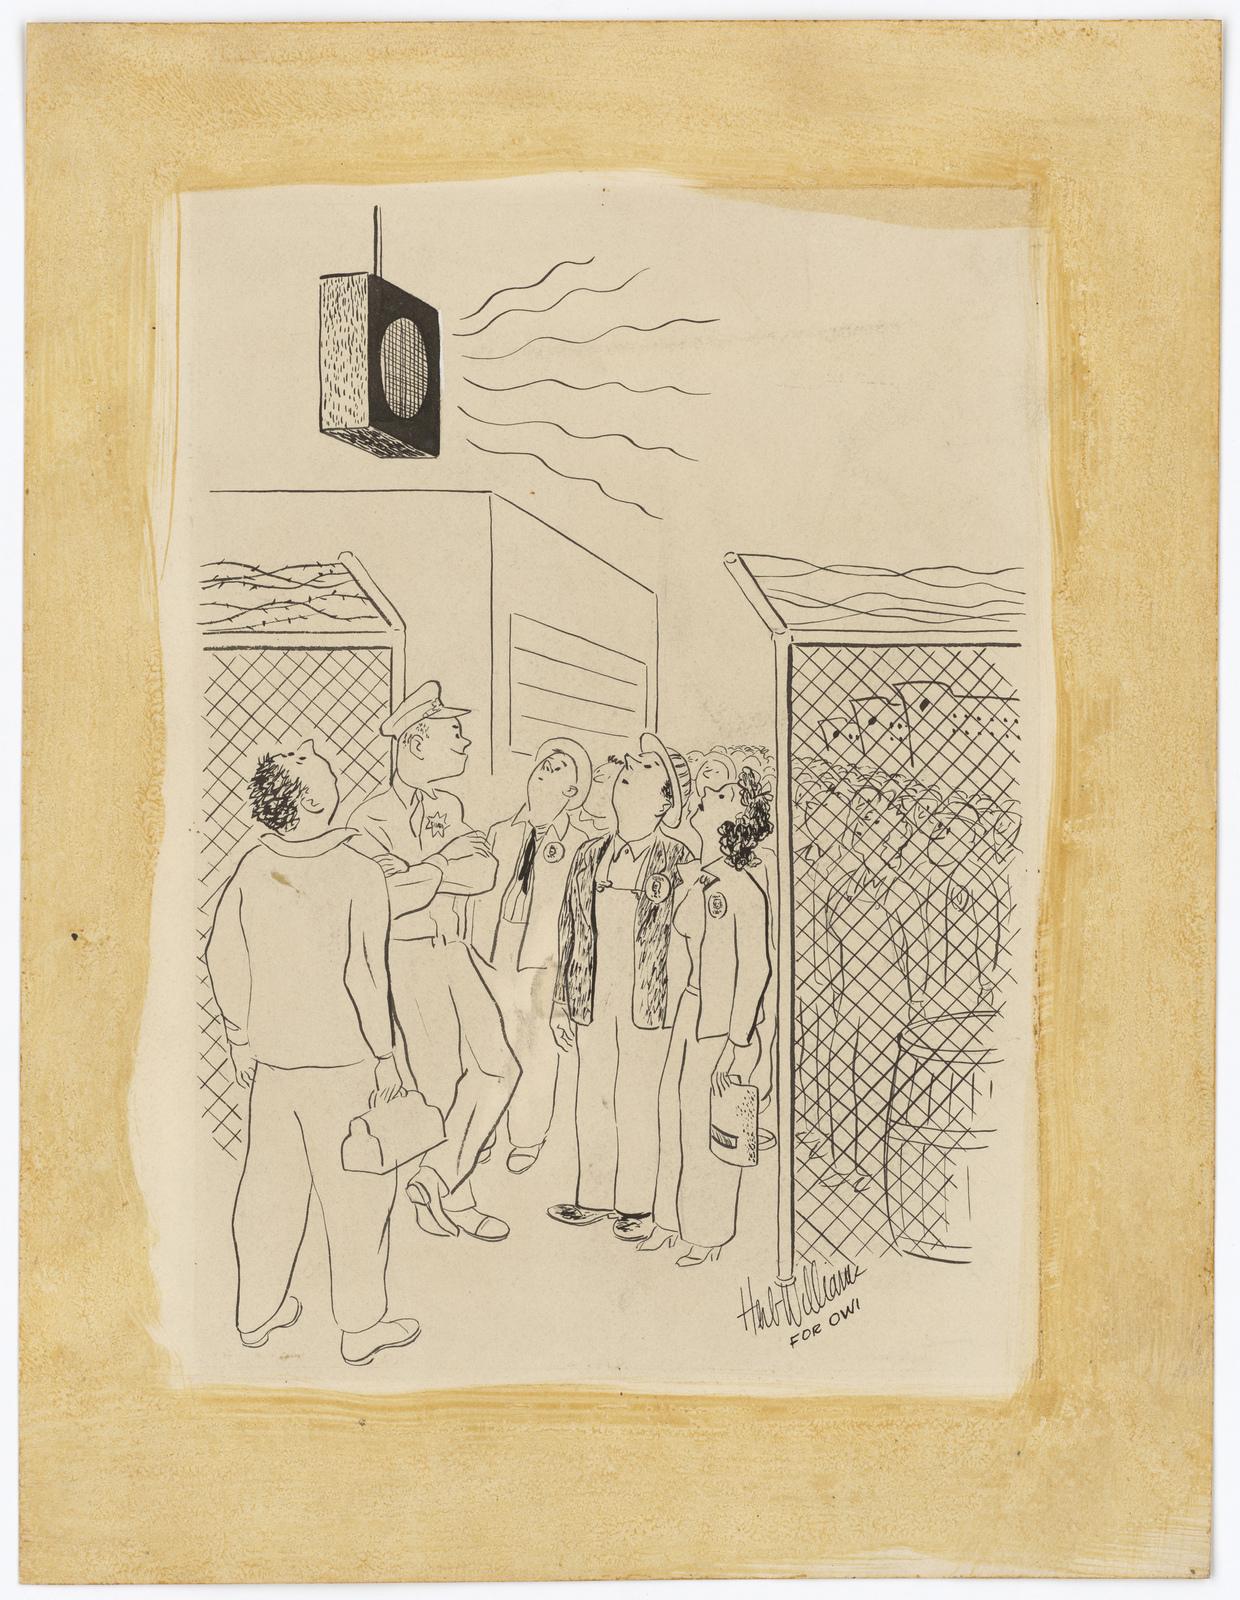 People Listening to a Loudspeaker. [Herb Williams]